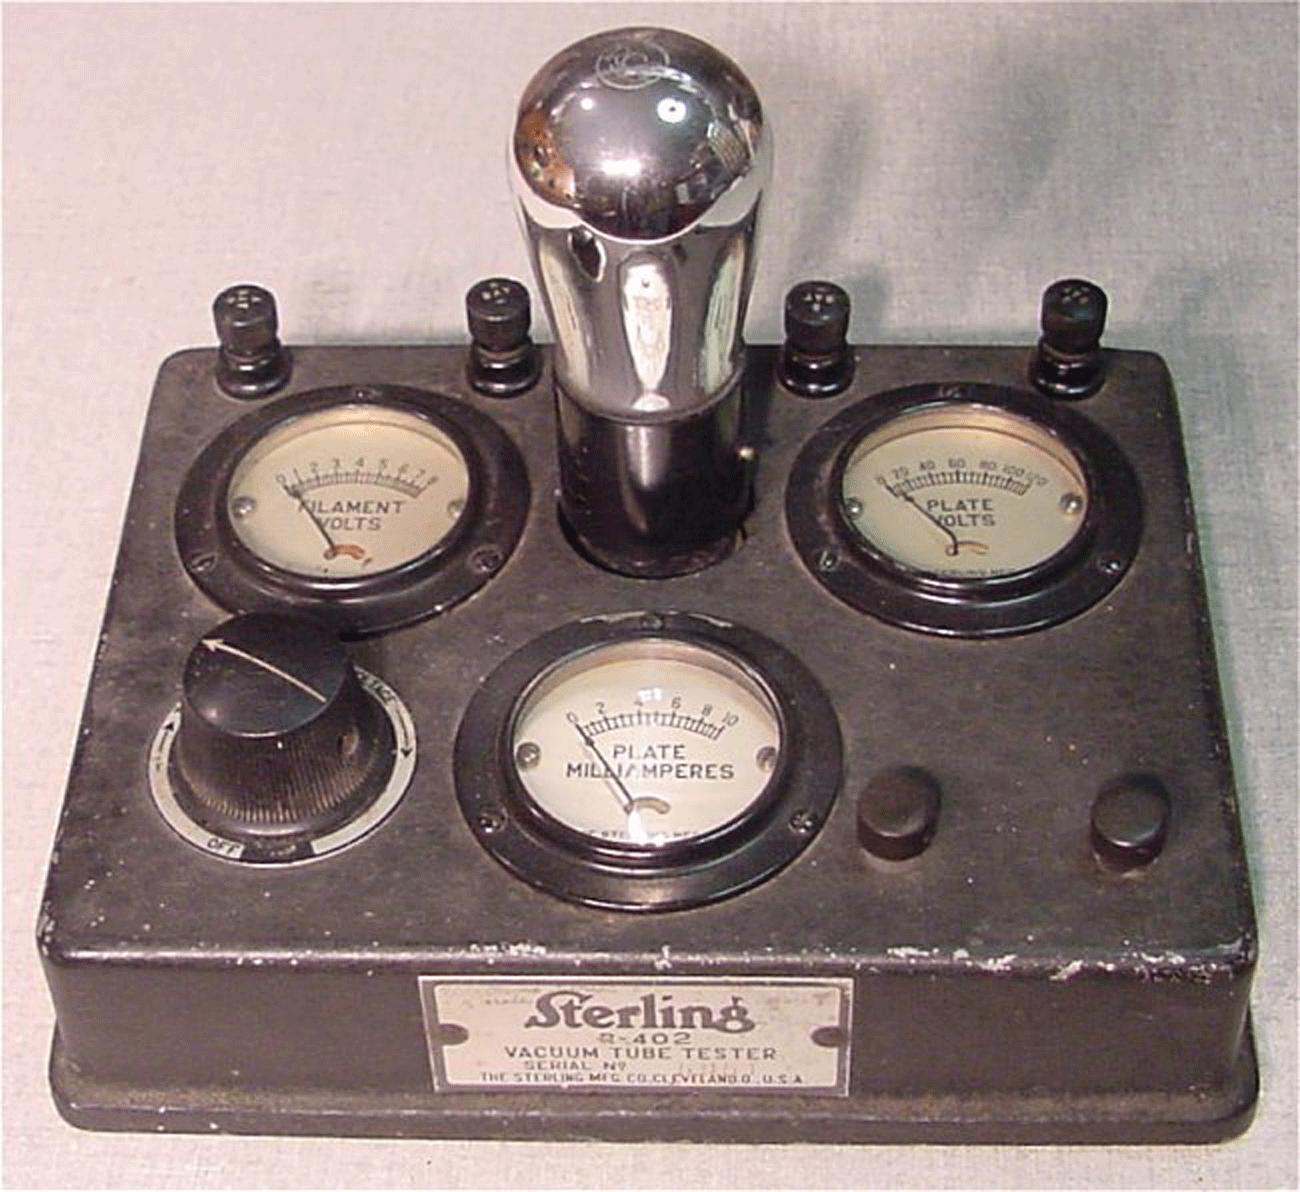 Sterling R-402